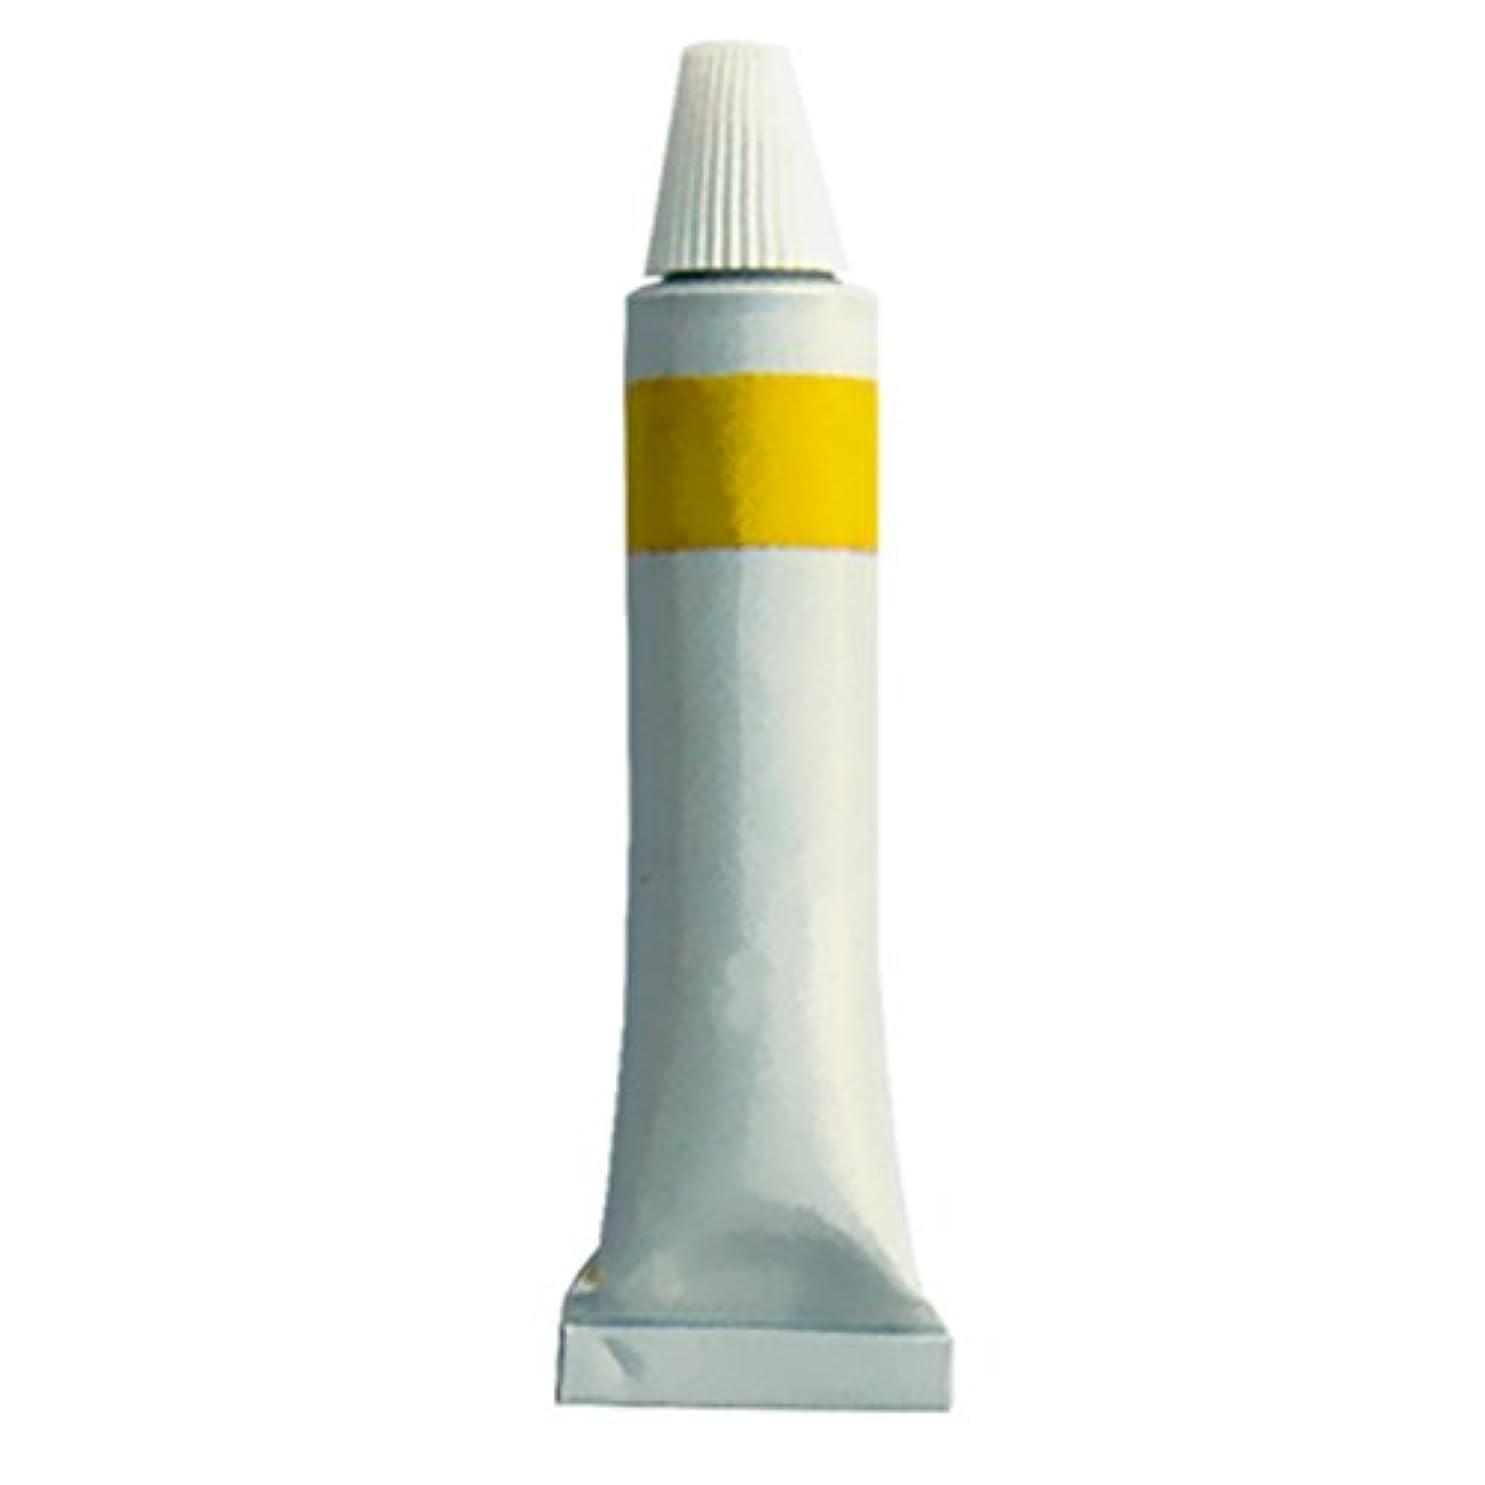 請求書リベラル豚肉RAZOLUTION Care Grease yellow, grease paste for strops, without emery